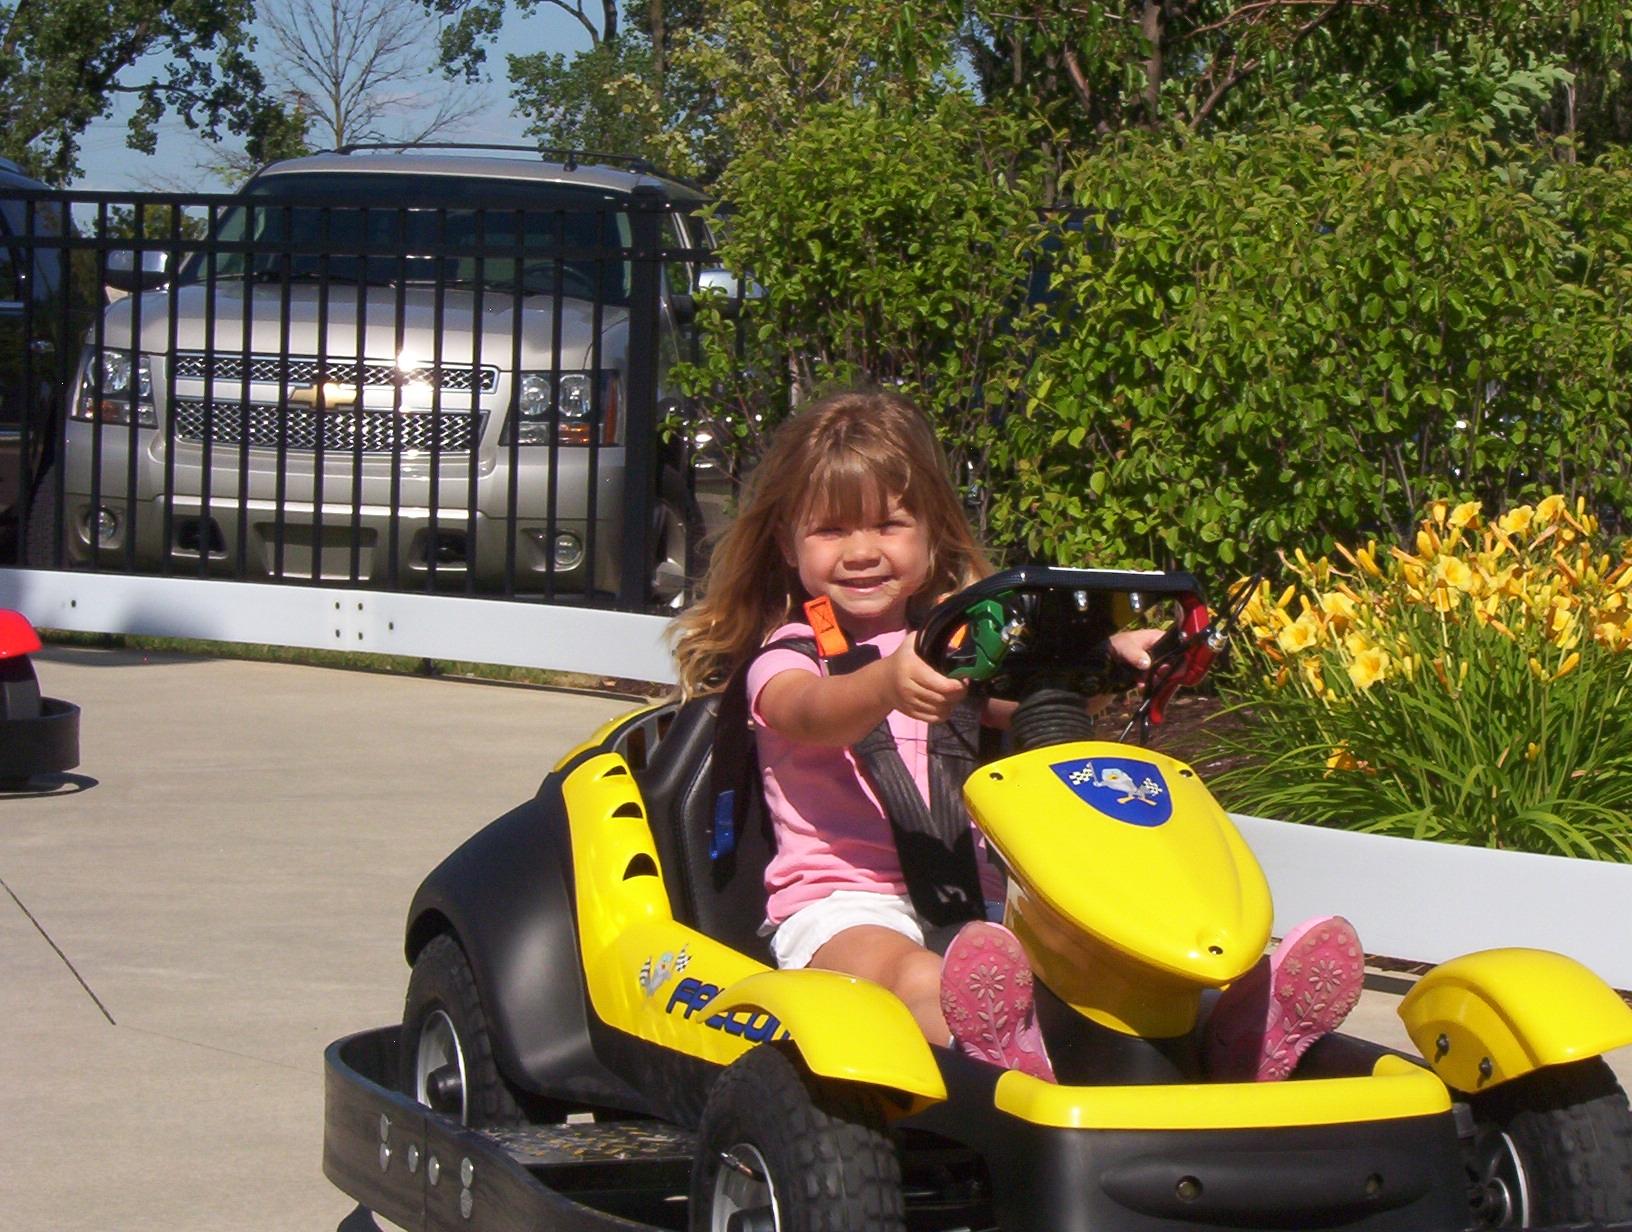 Kiddie Track, smiling girl, cute